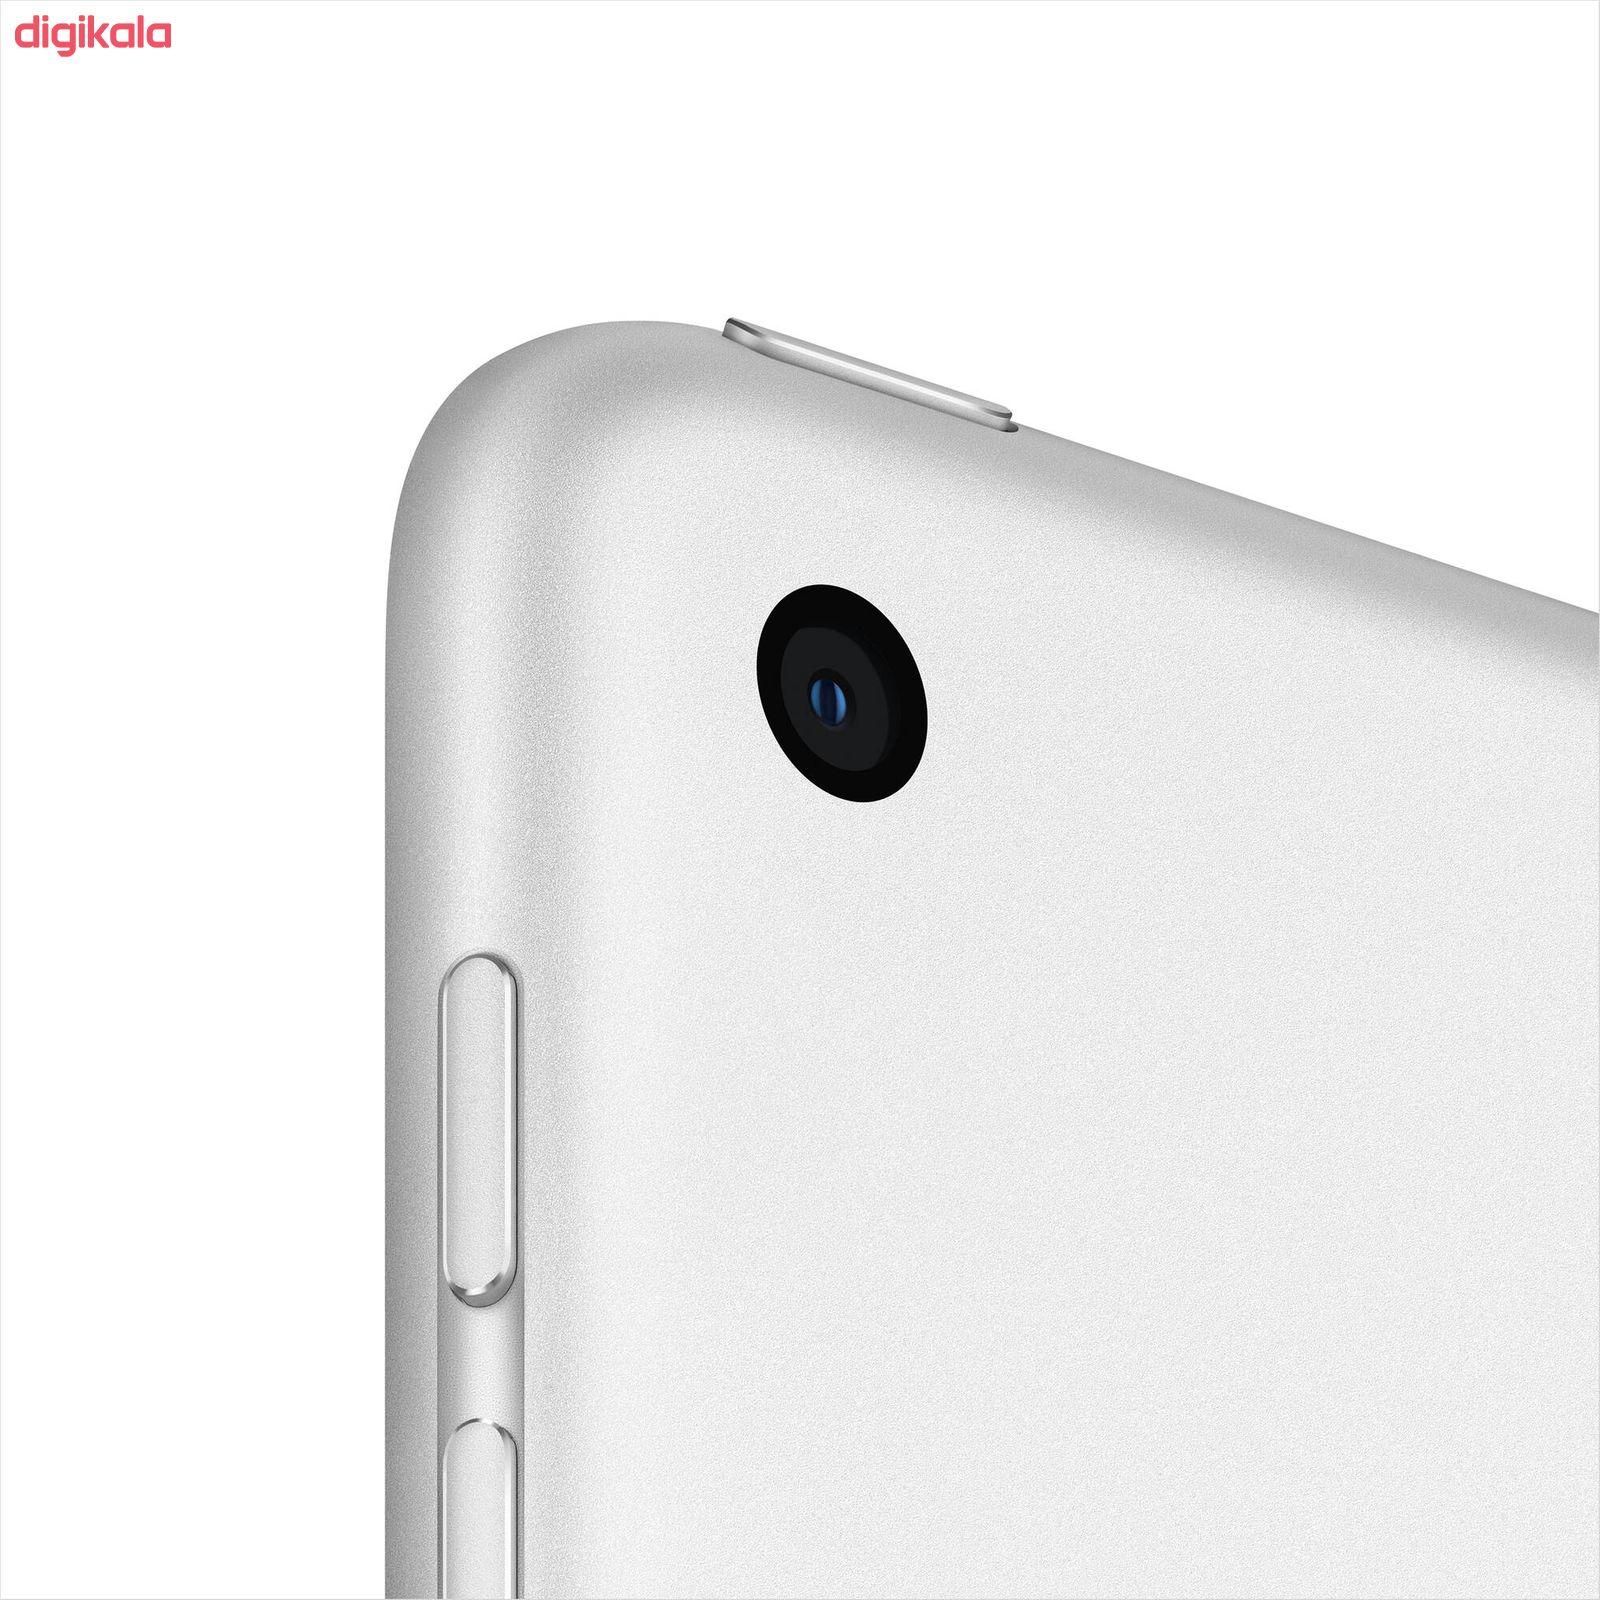 تبلت اپل مدل iPad 10.2 inch 2020 WiFi ظرفیت 32 گیگابایت  main 1 8